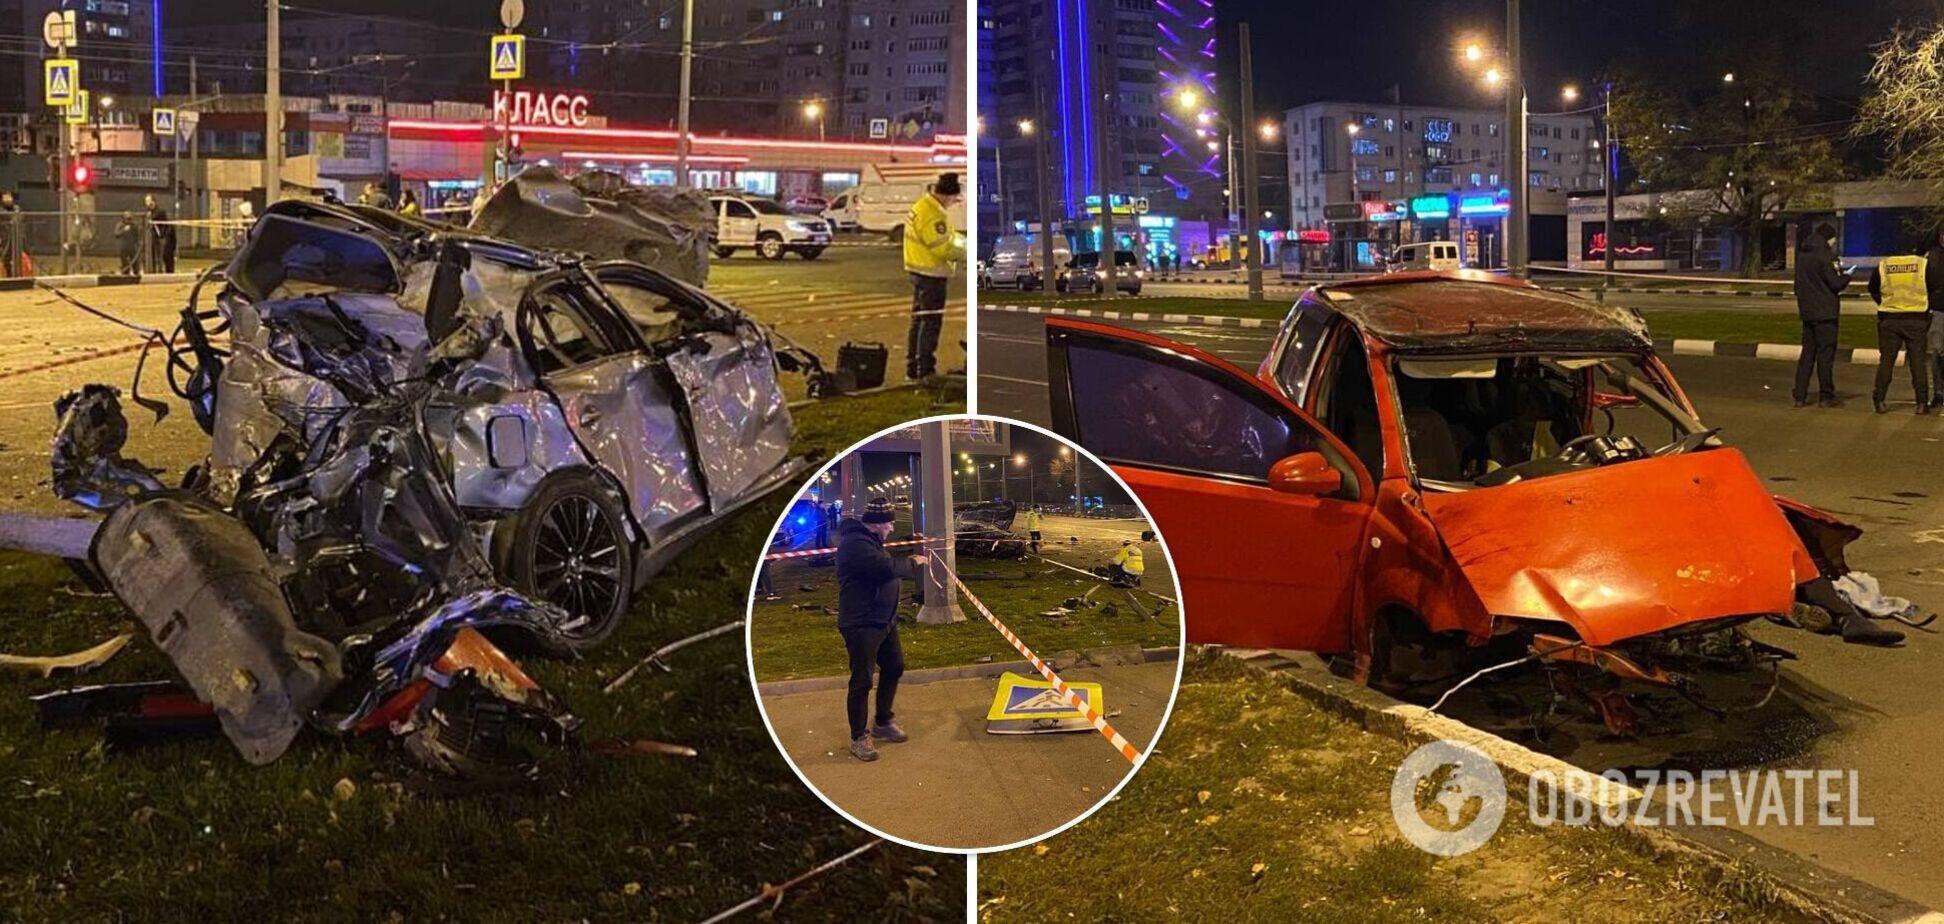 В Харькове на бешеной скорости столкнулись два авто: один погибший и трое пострадавших. Фото и видео